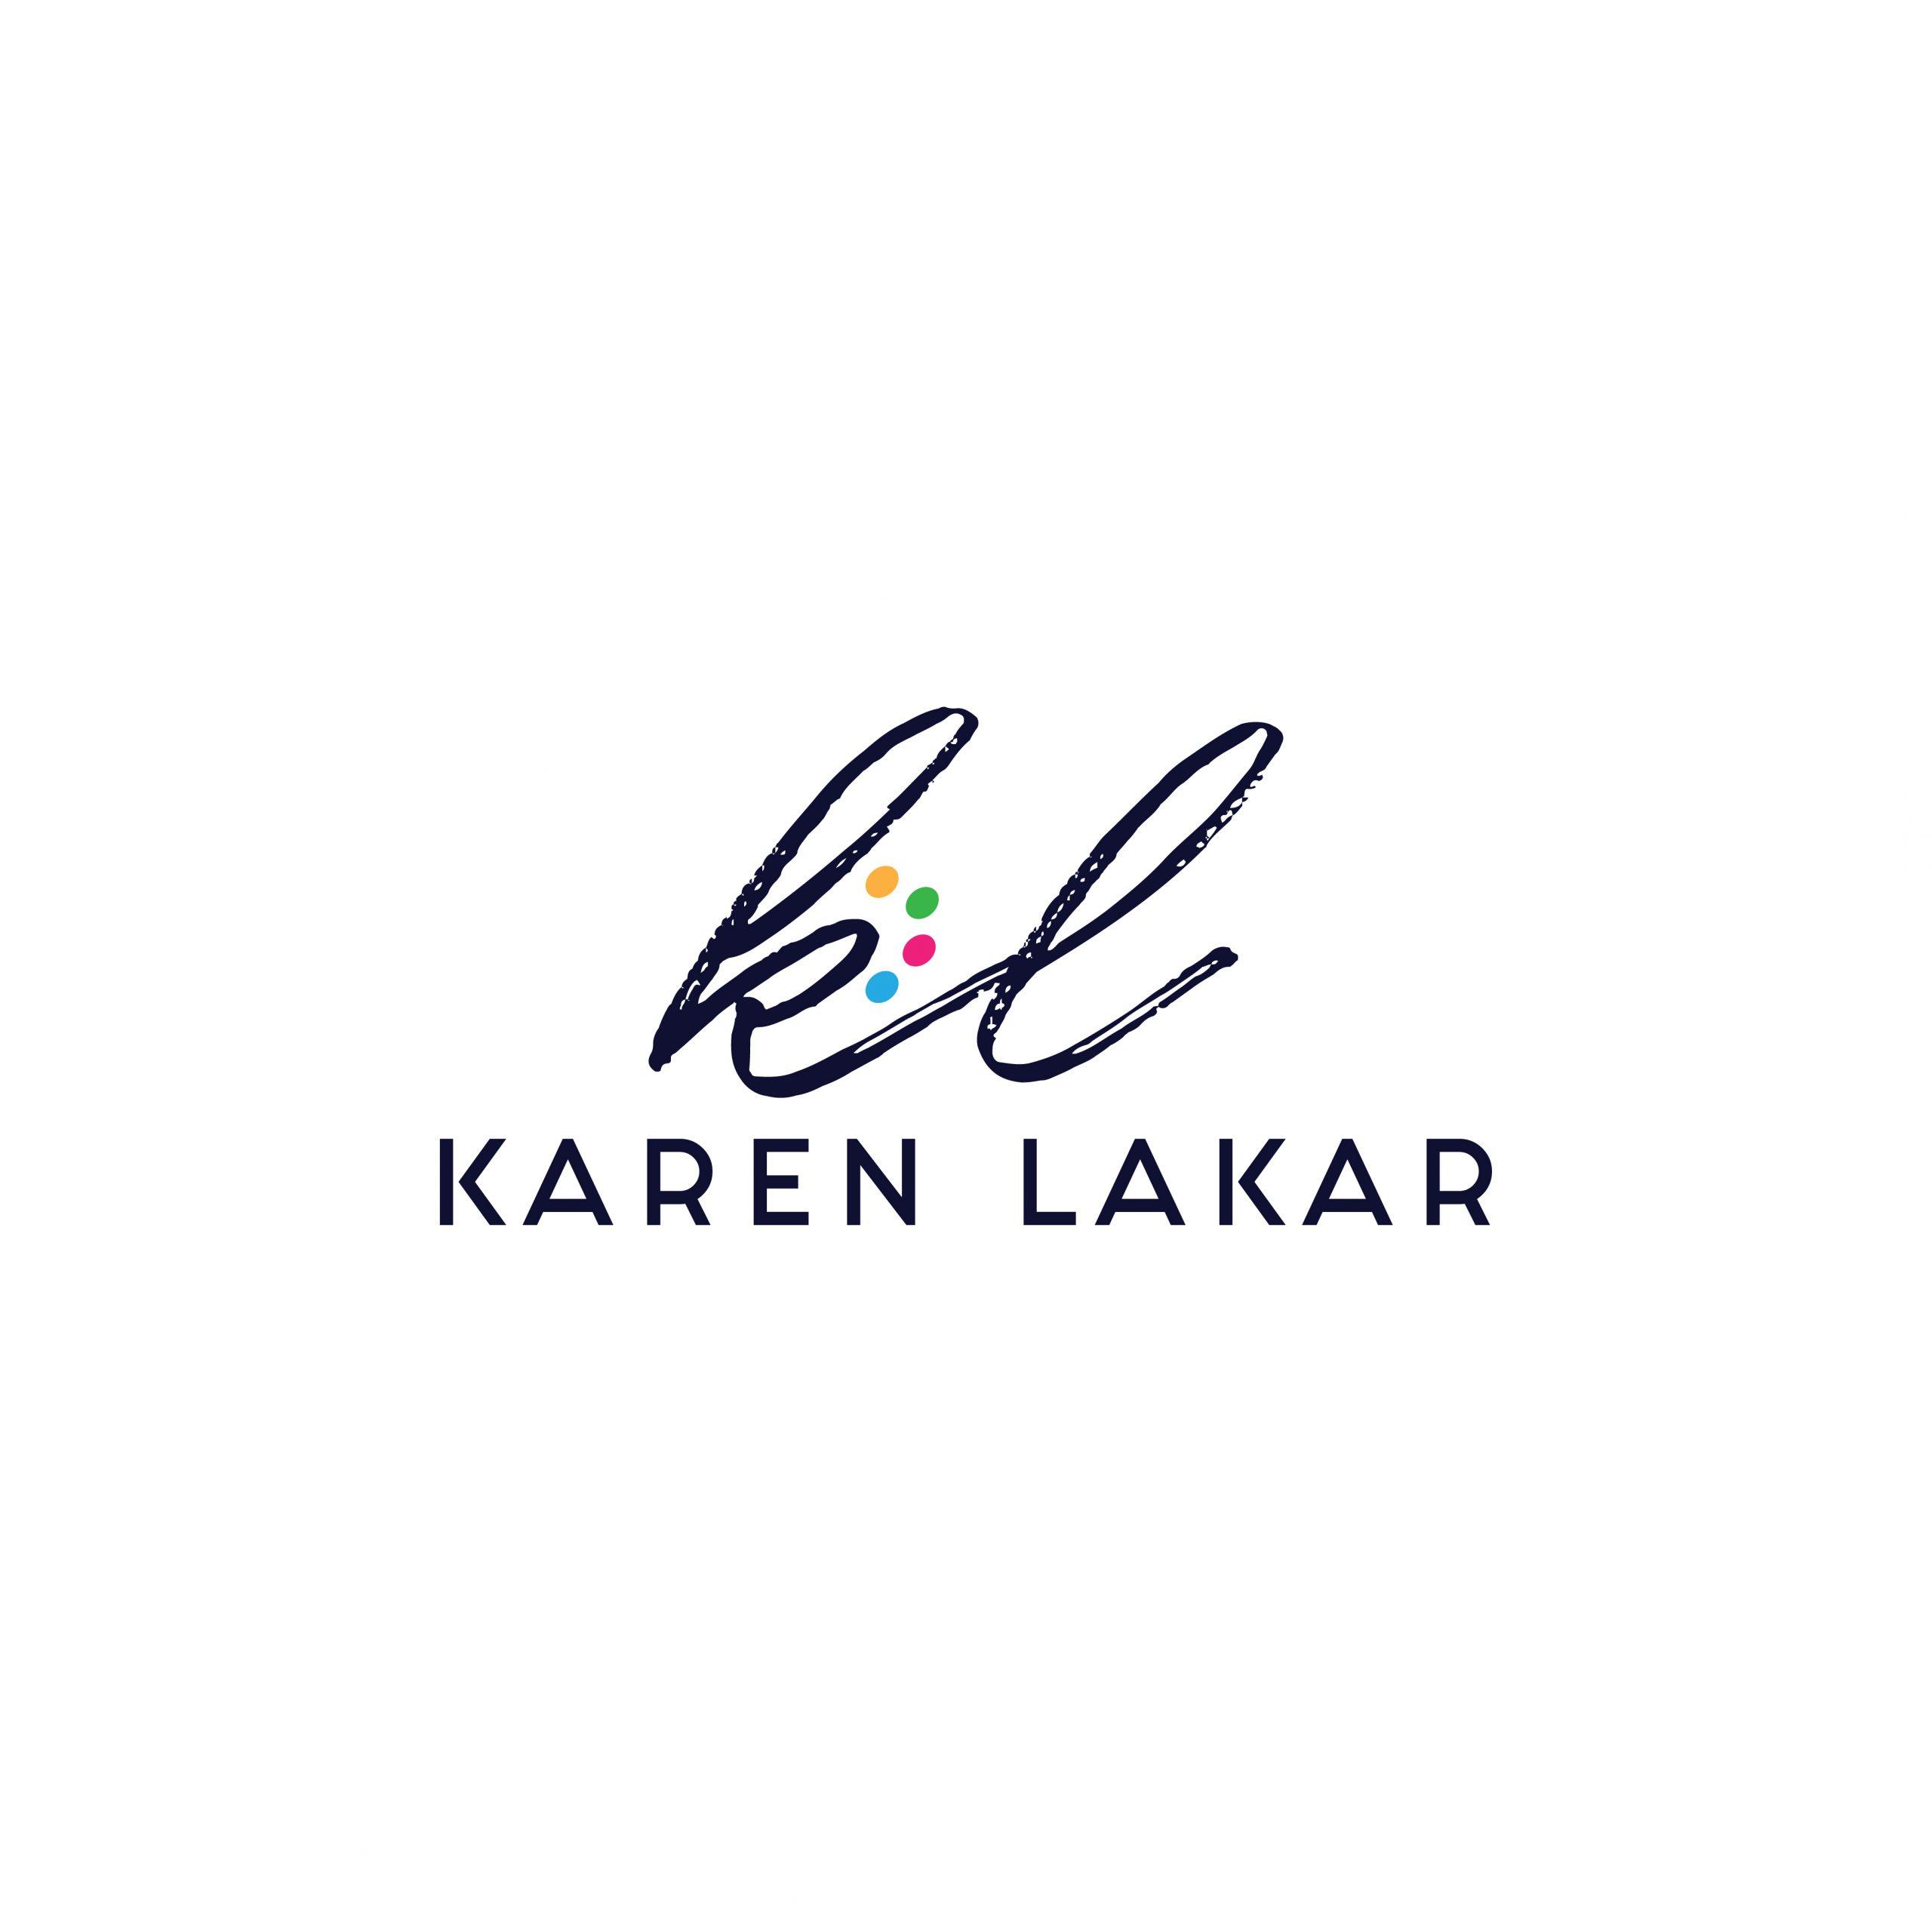 1525_Karen Lakar_logo-01